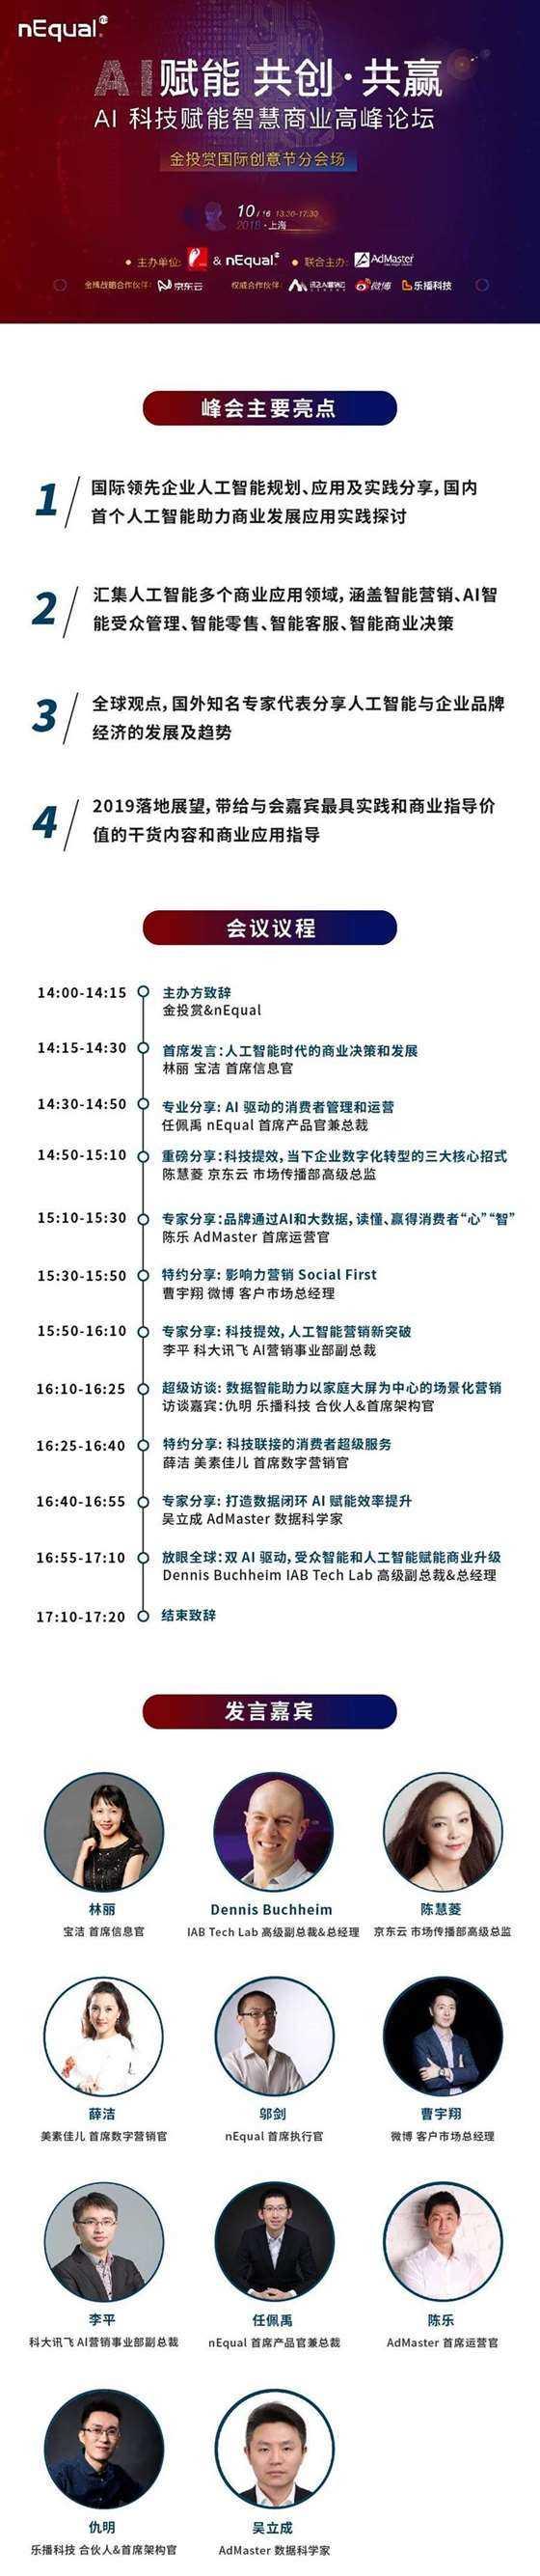 金投赏会议议程-02-02.jpg